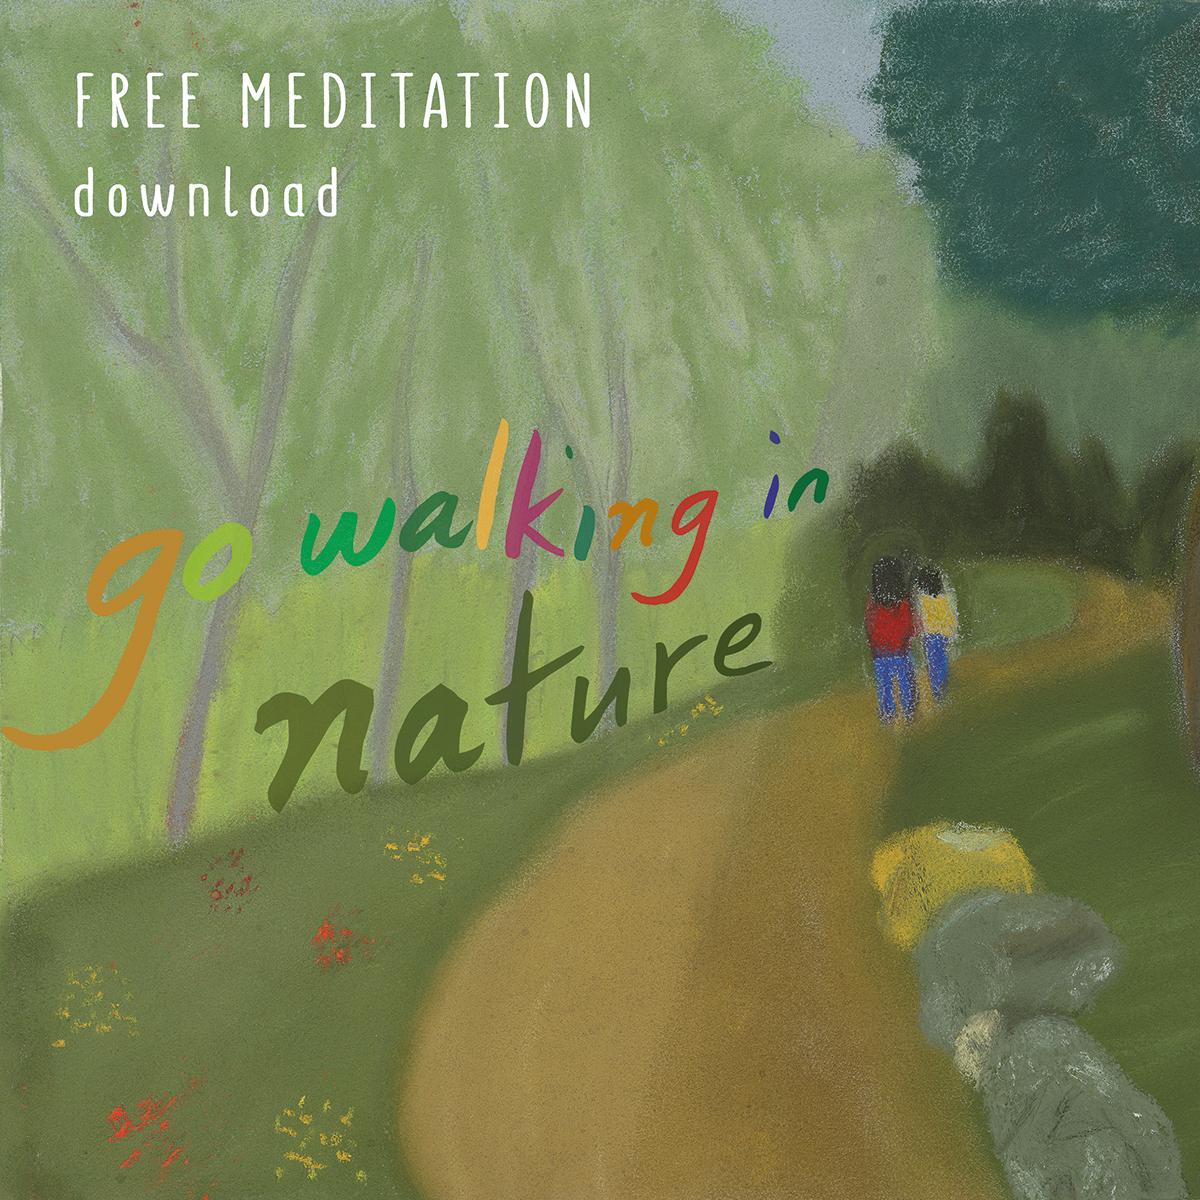 Instagram_meditation download.png